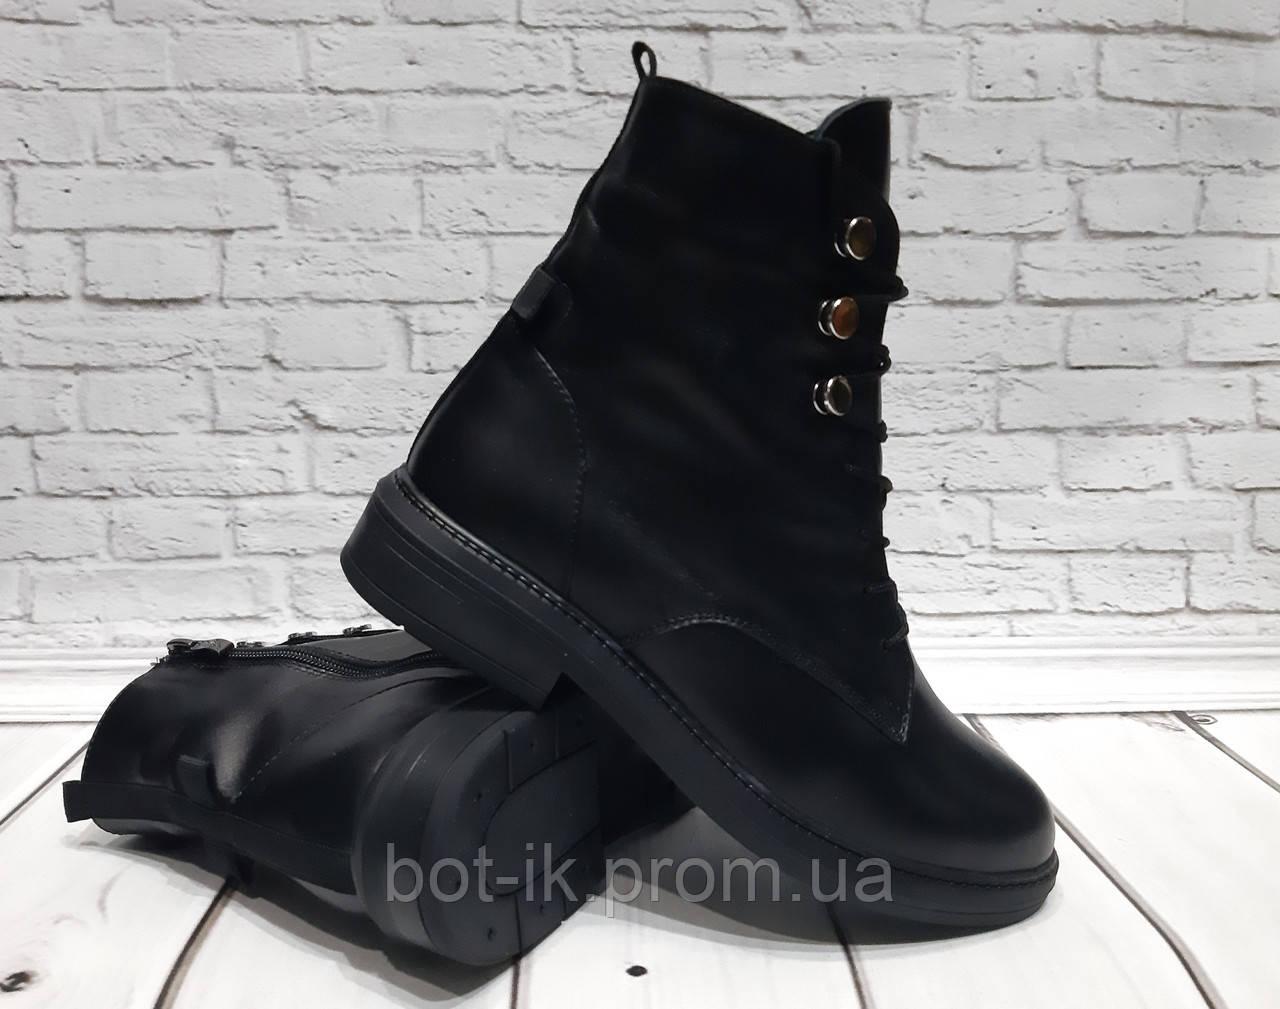 Красивые и удобные ботинки Dior из натуральной черной кожи. - БОТ.ик в  Харькове 257c84f28d0